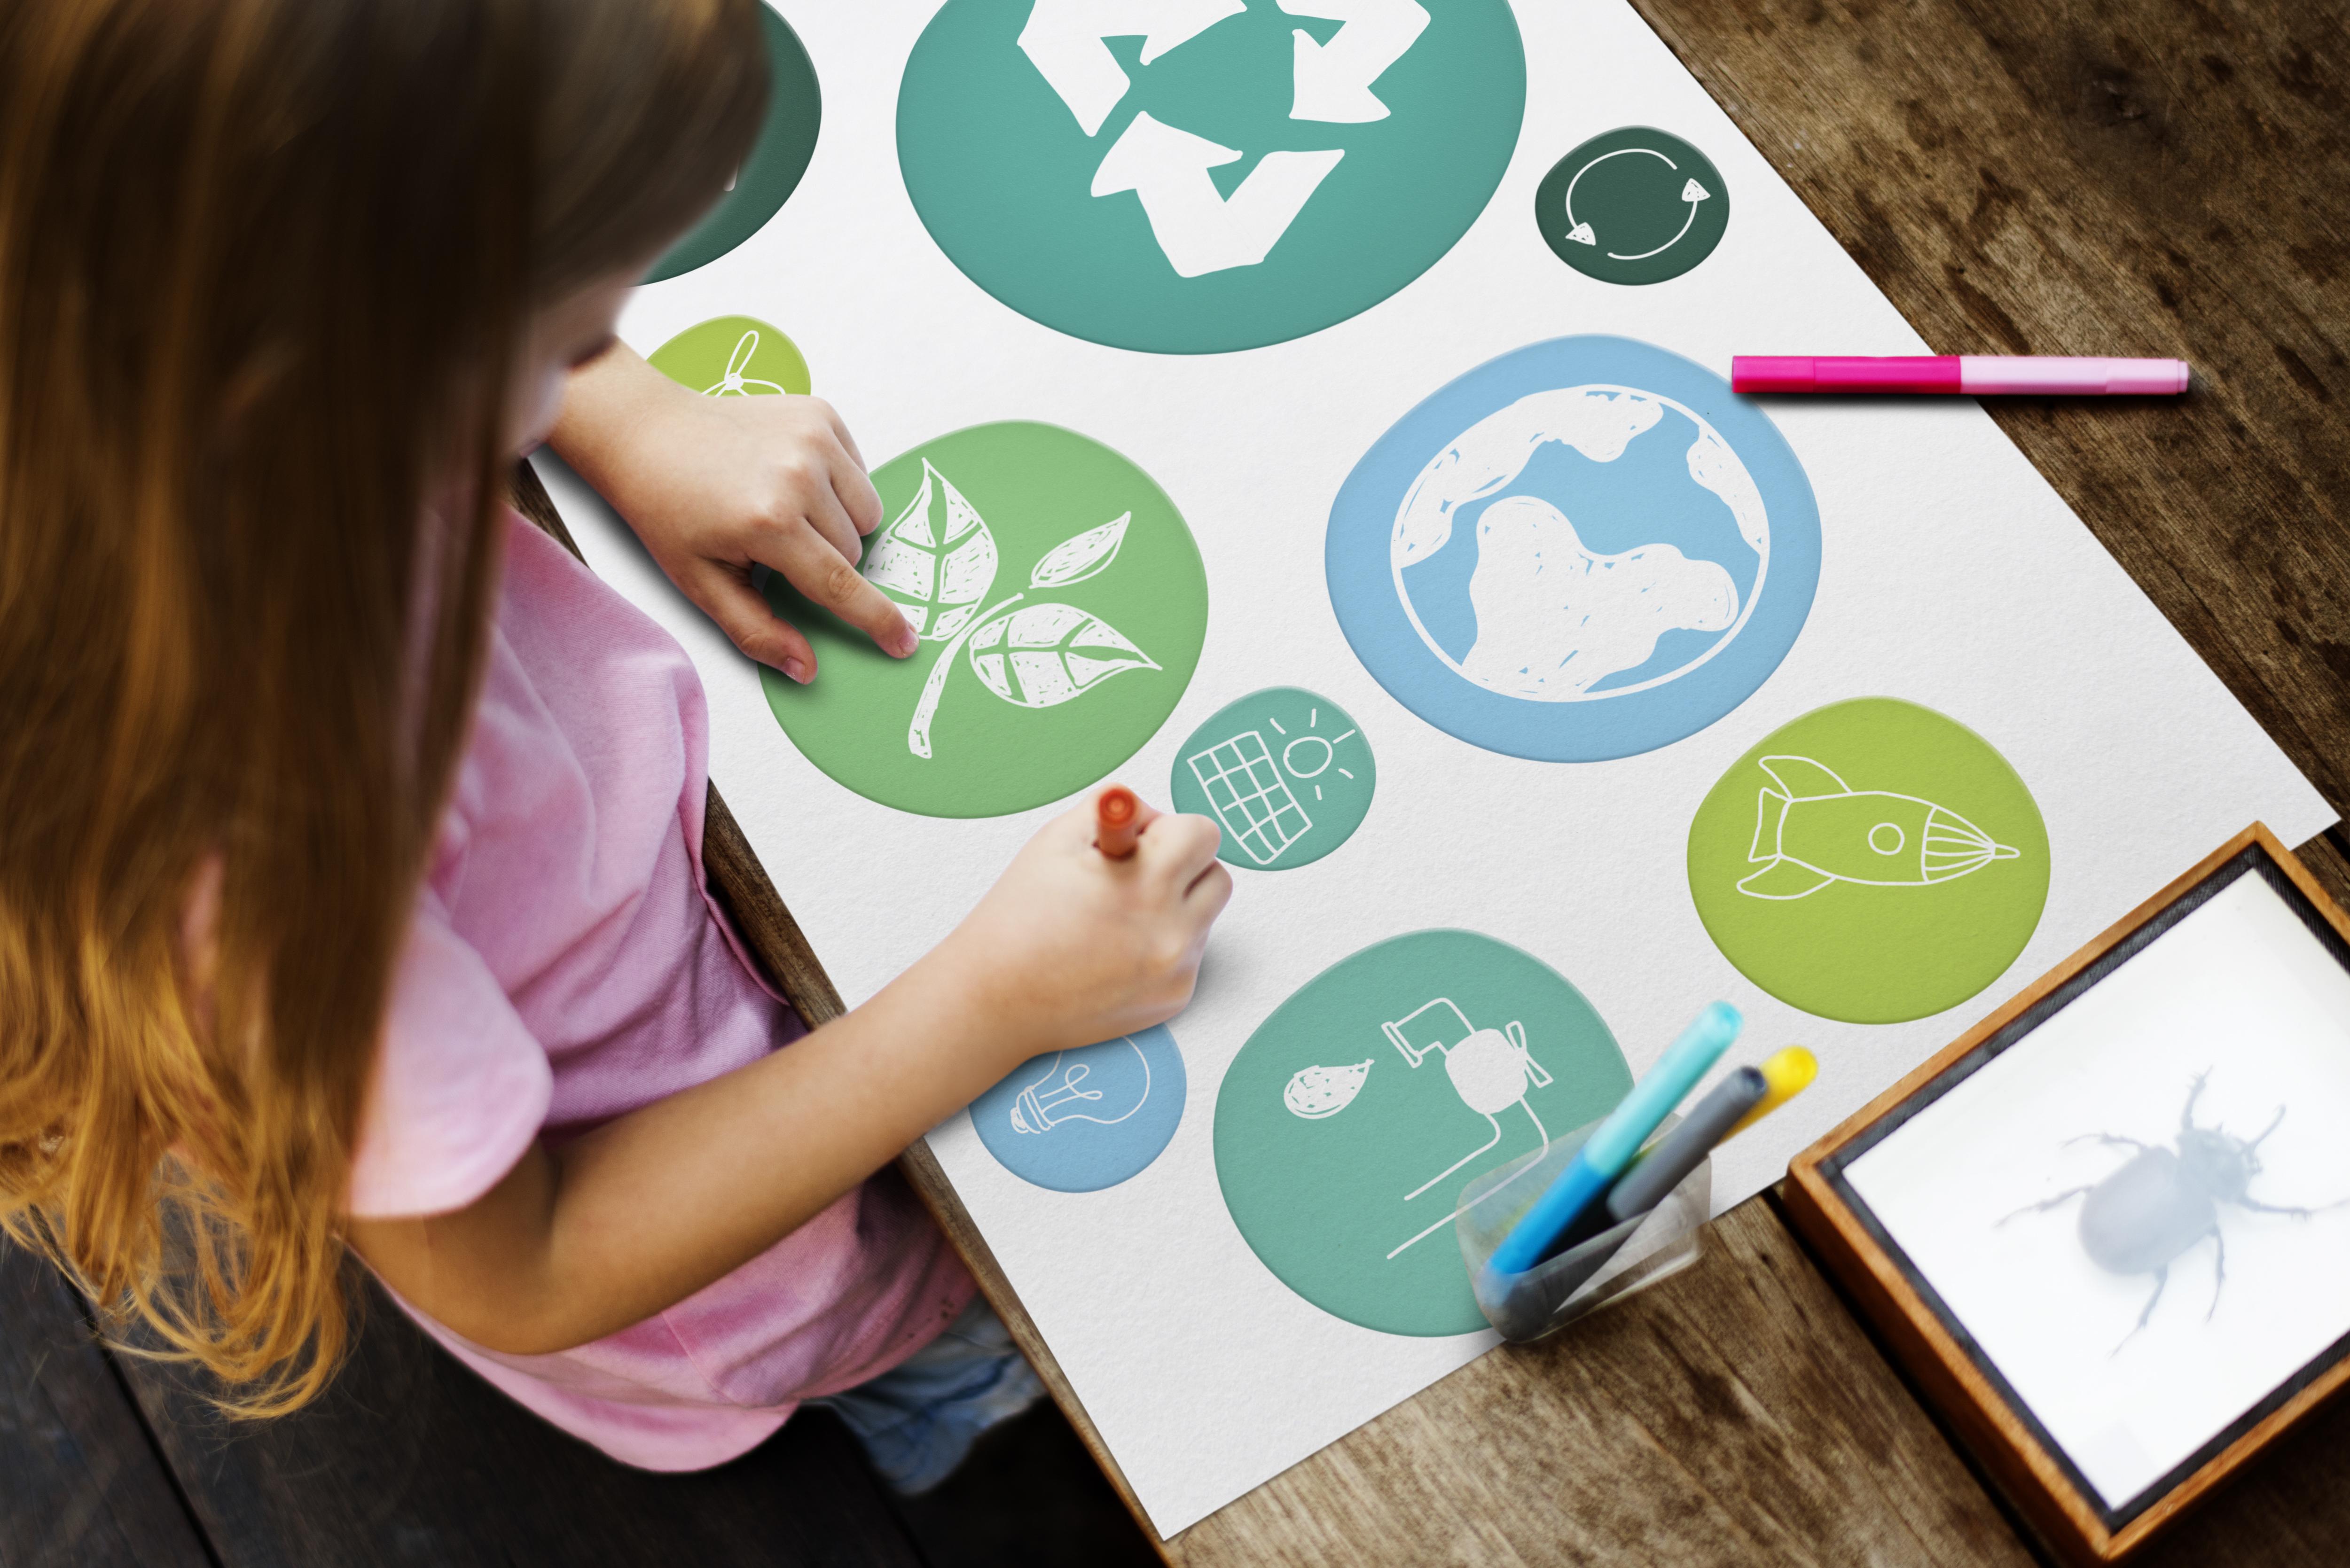 Educació ambiental de nena, dibuixant conceptes de sostenibilitat